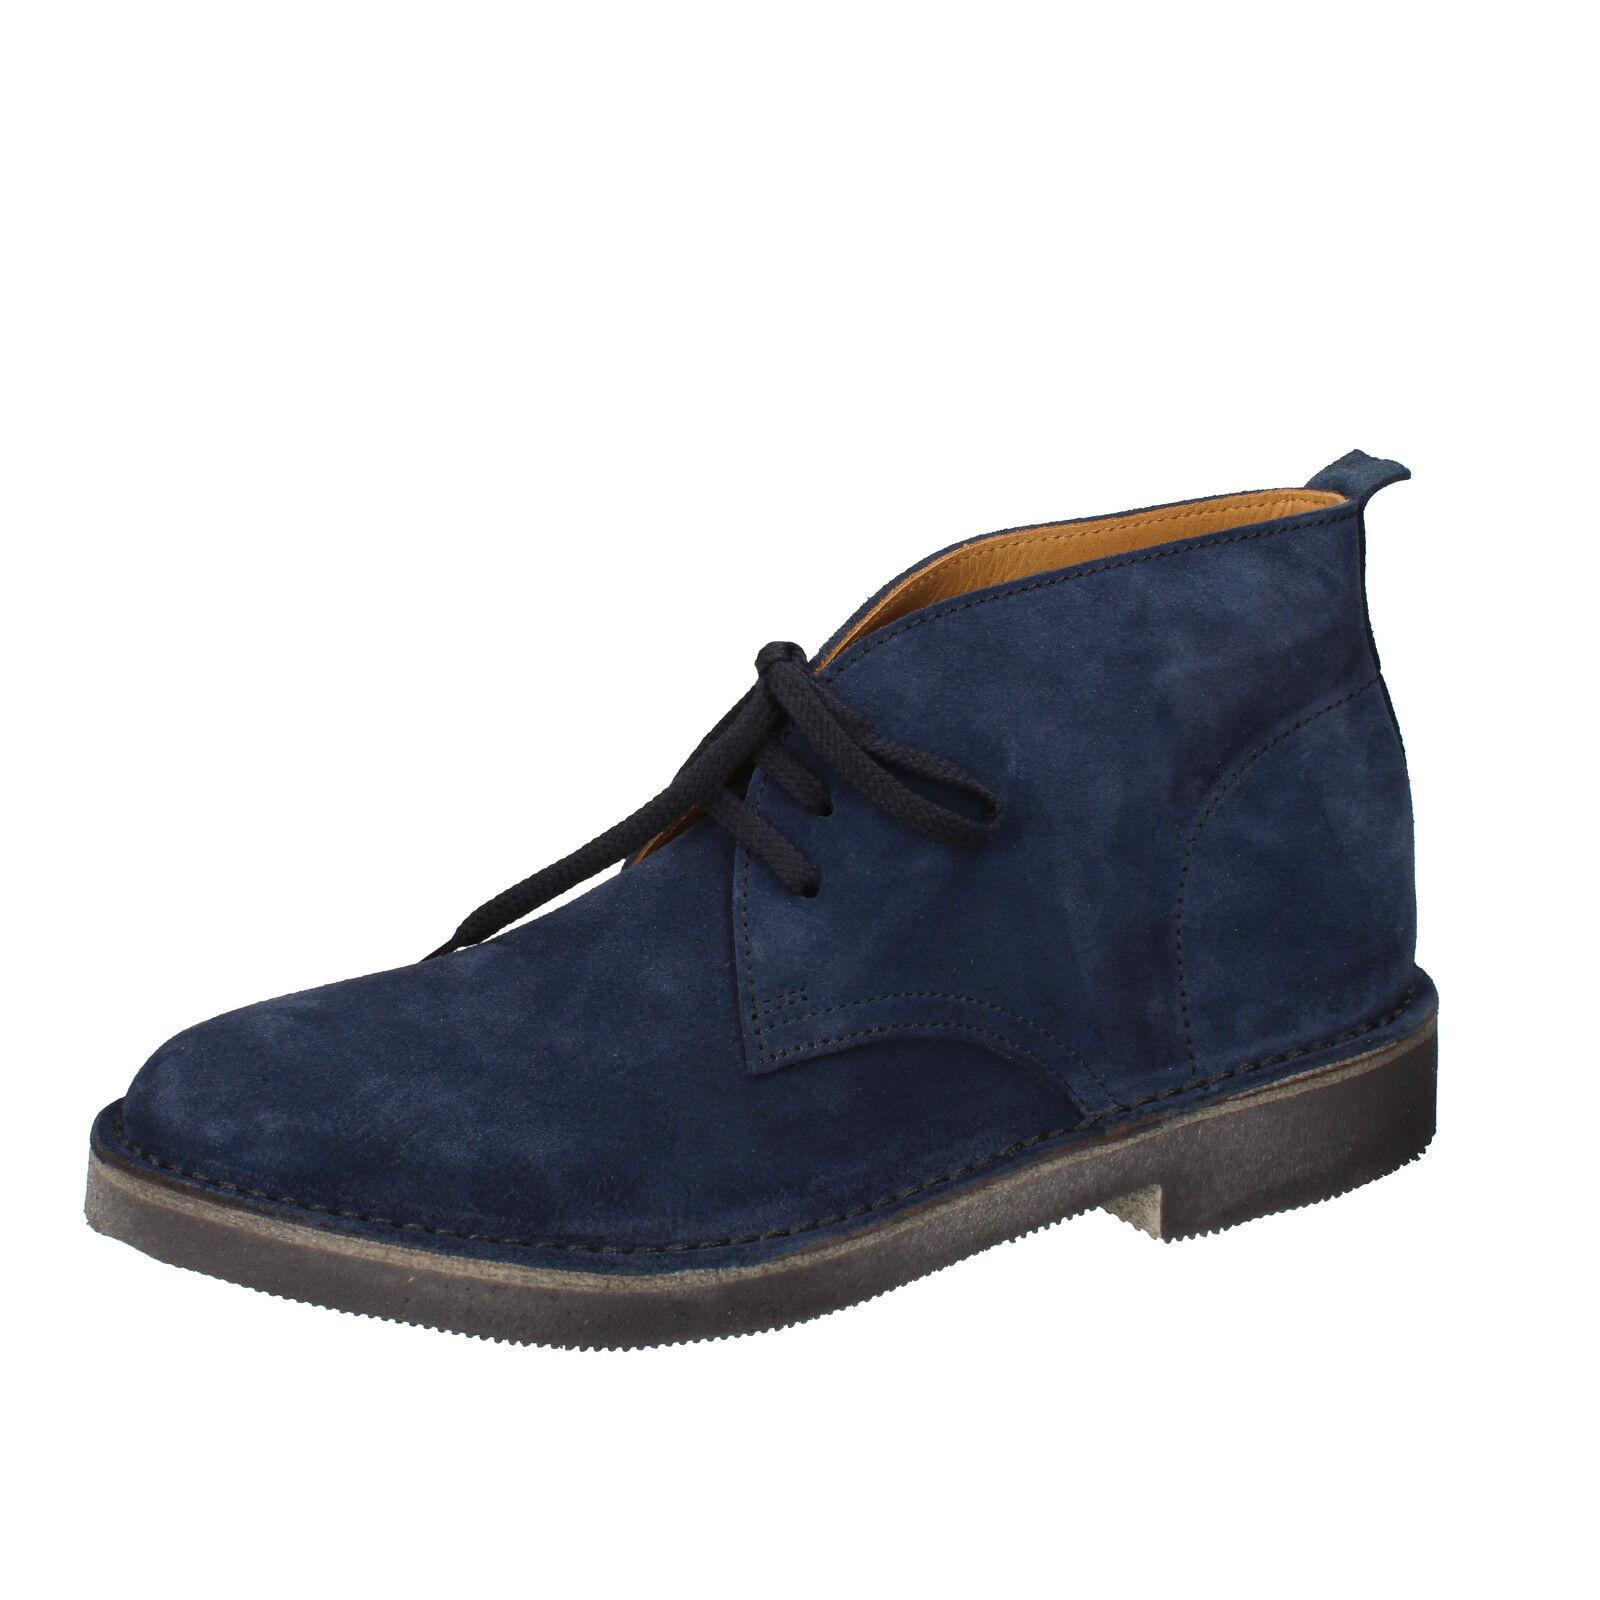 Herren schuhe MOMA 44 EU desert boots blau wildleder AB327-44